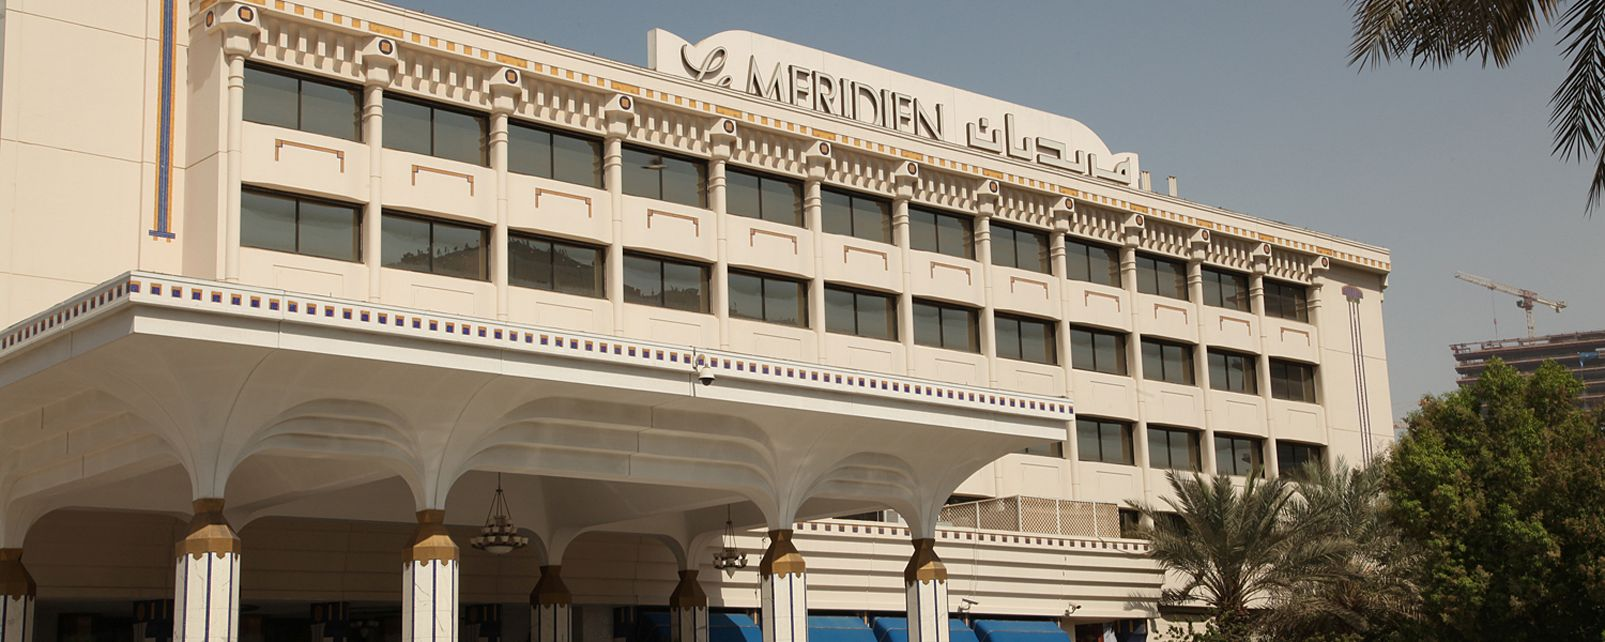 Hôtel Le Meridien Abu Dhabi